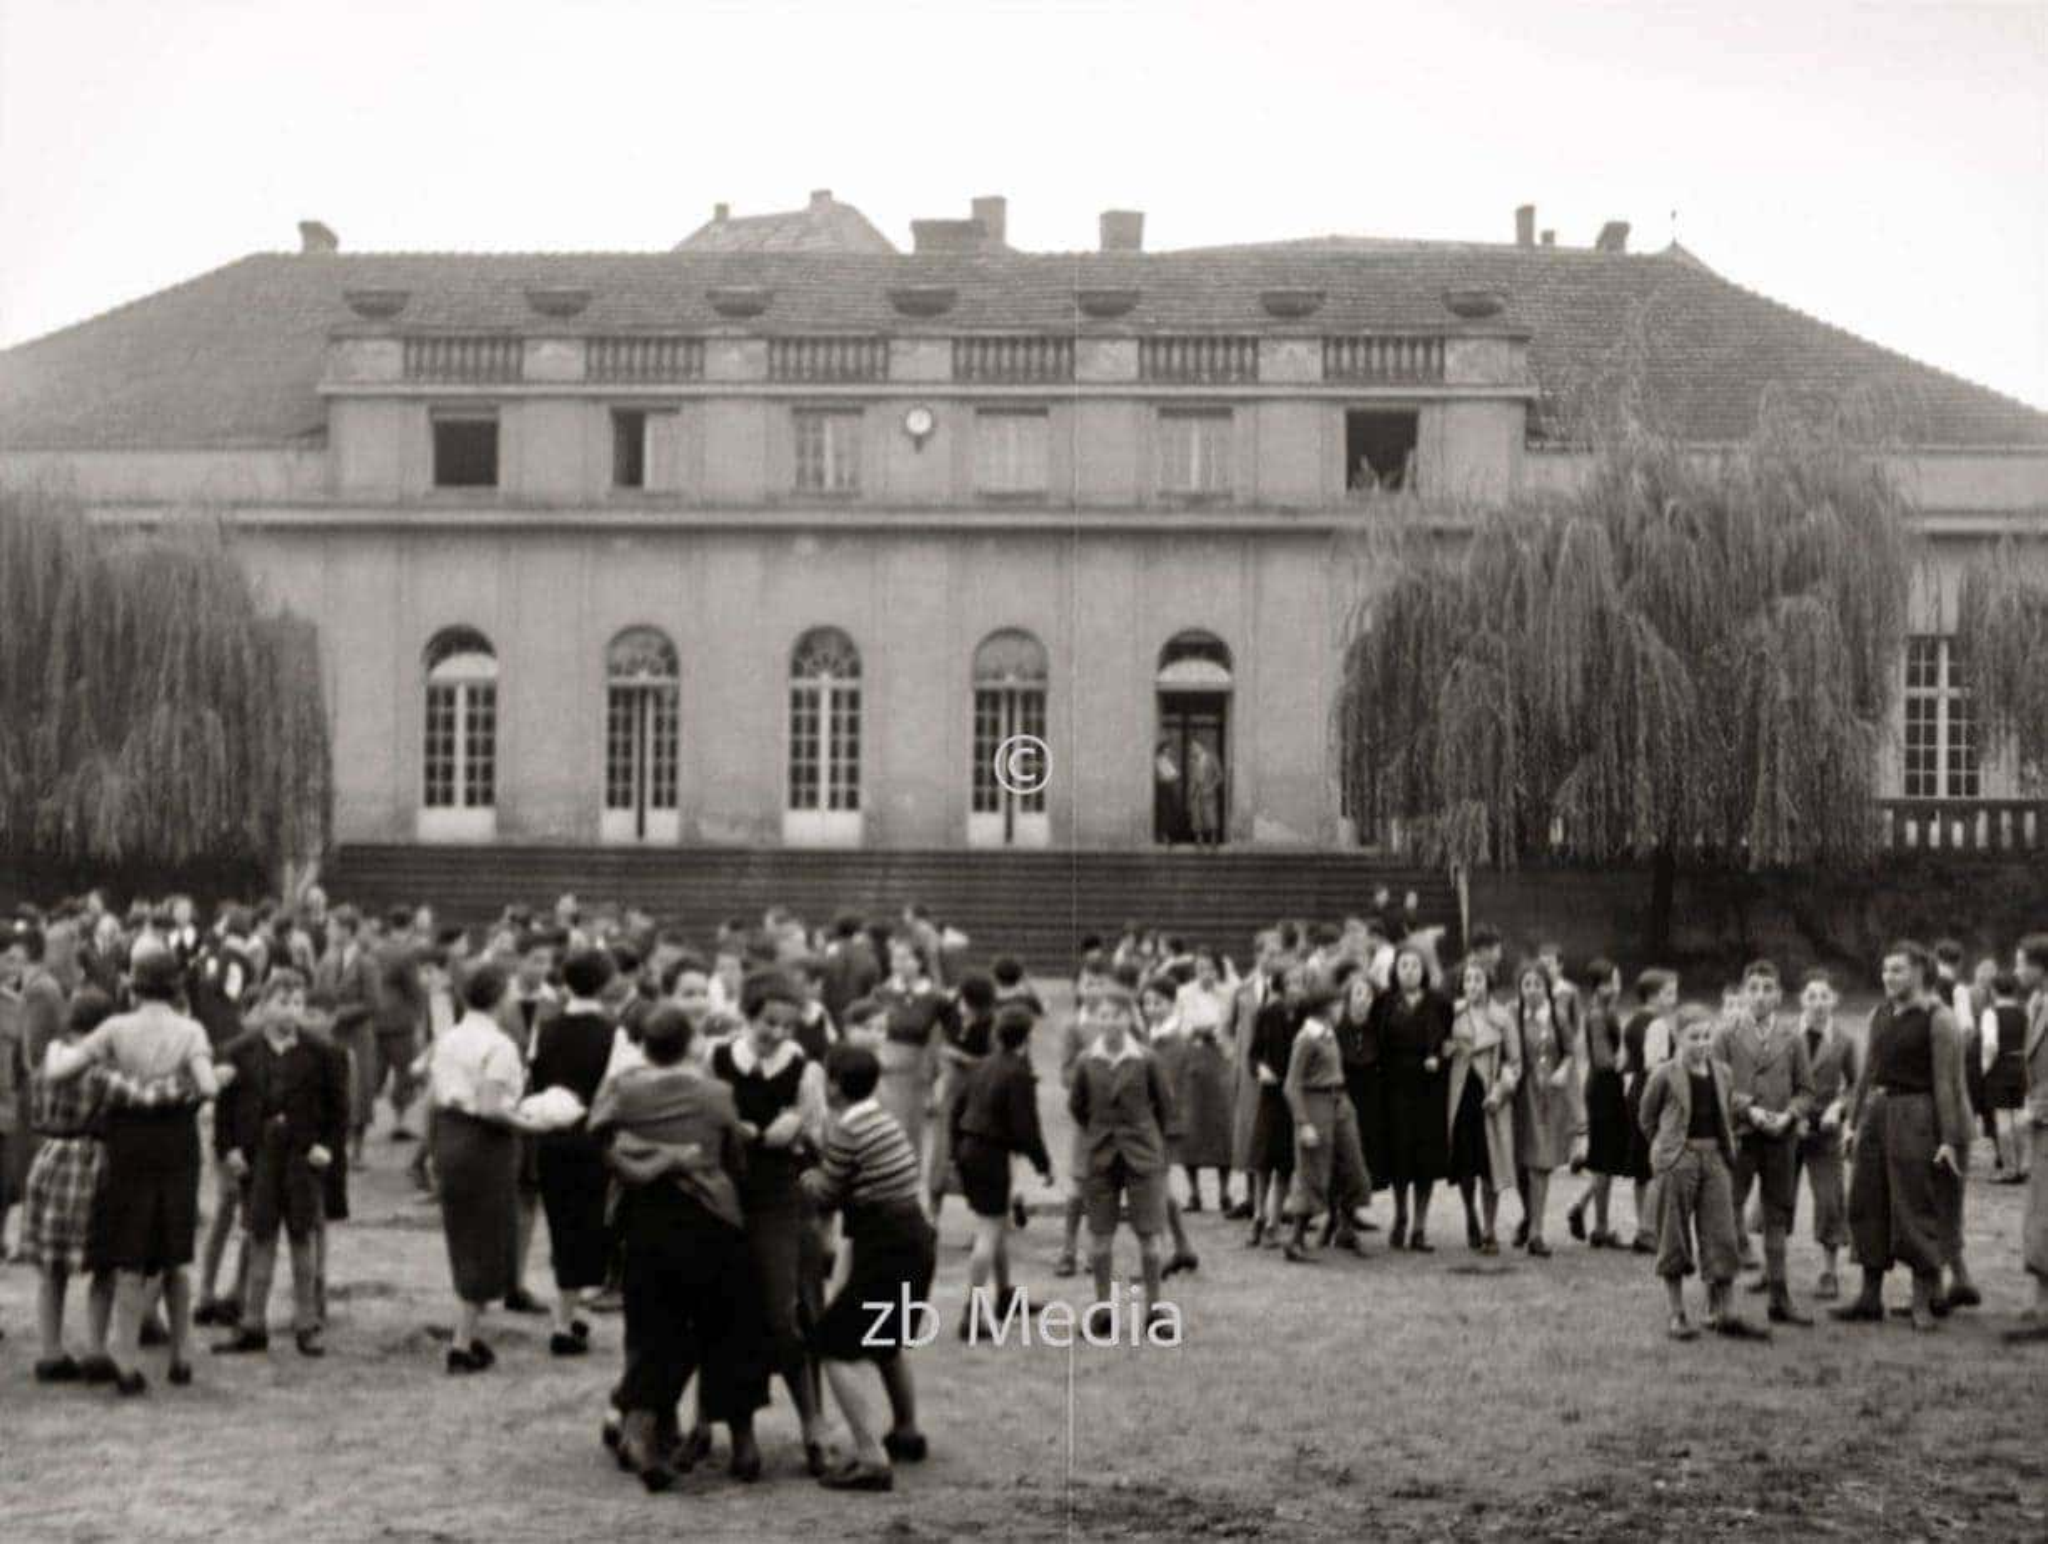 Pausenhof. Jüdische Goldschmidtschule in Berlin 1937